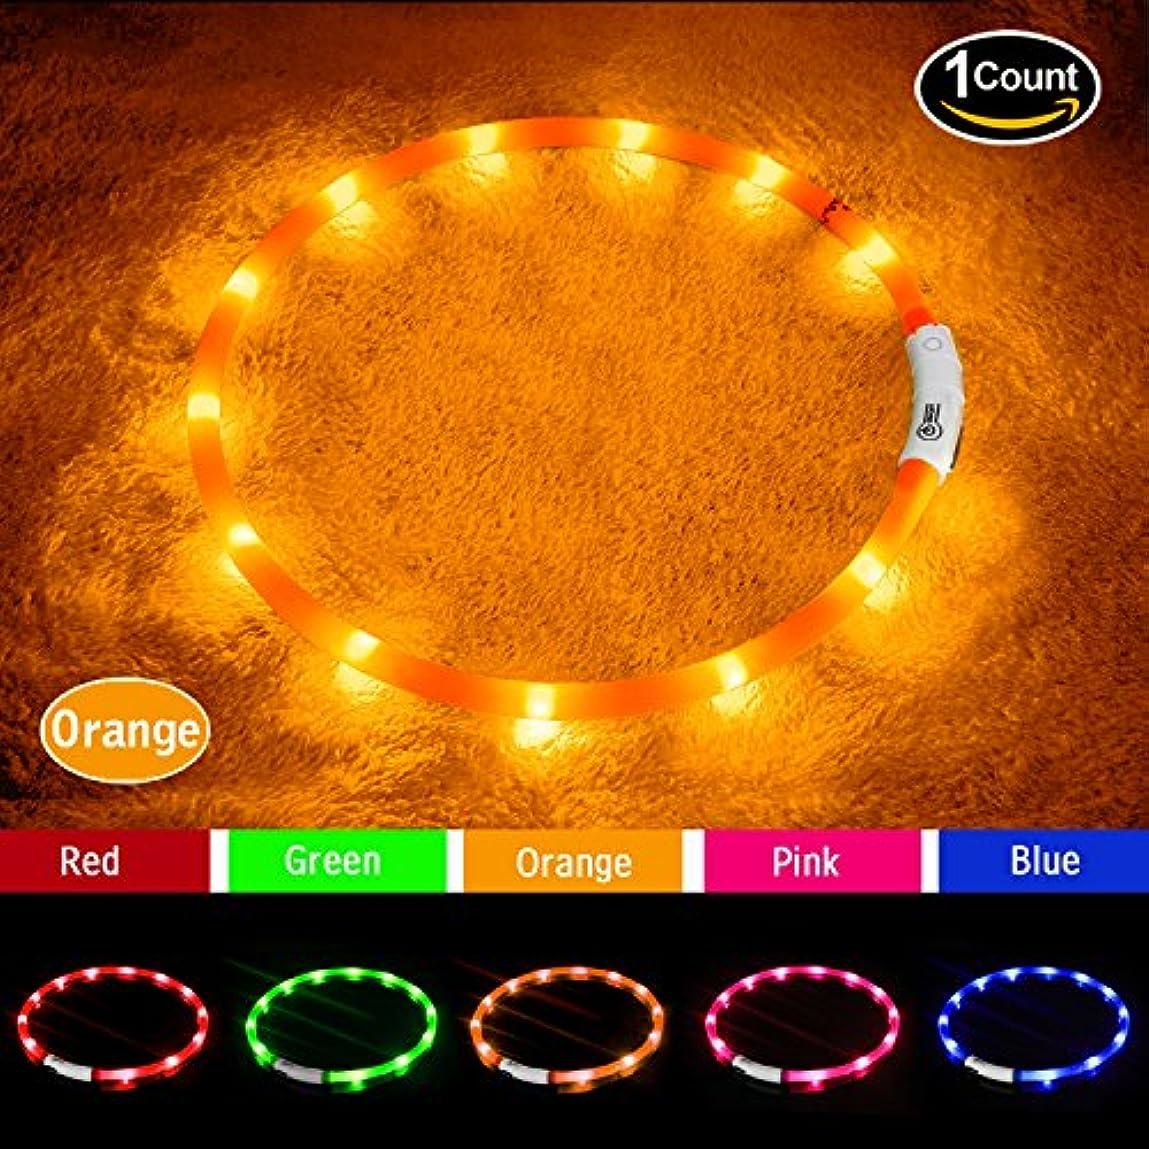 話をするマイコン信頼LED光る首輪, USB 再充電 ドッグ カラー 12個のLEDライト [500m先から目視可能] ペット 夜間 安全性 [3種類のライトモードを搭載] 防水 スモール ミディアム ラージ (オレンジ)